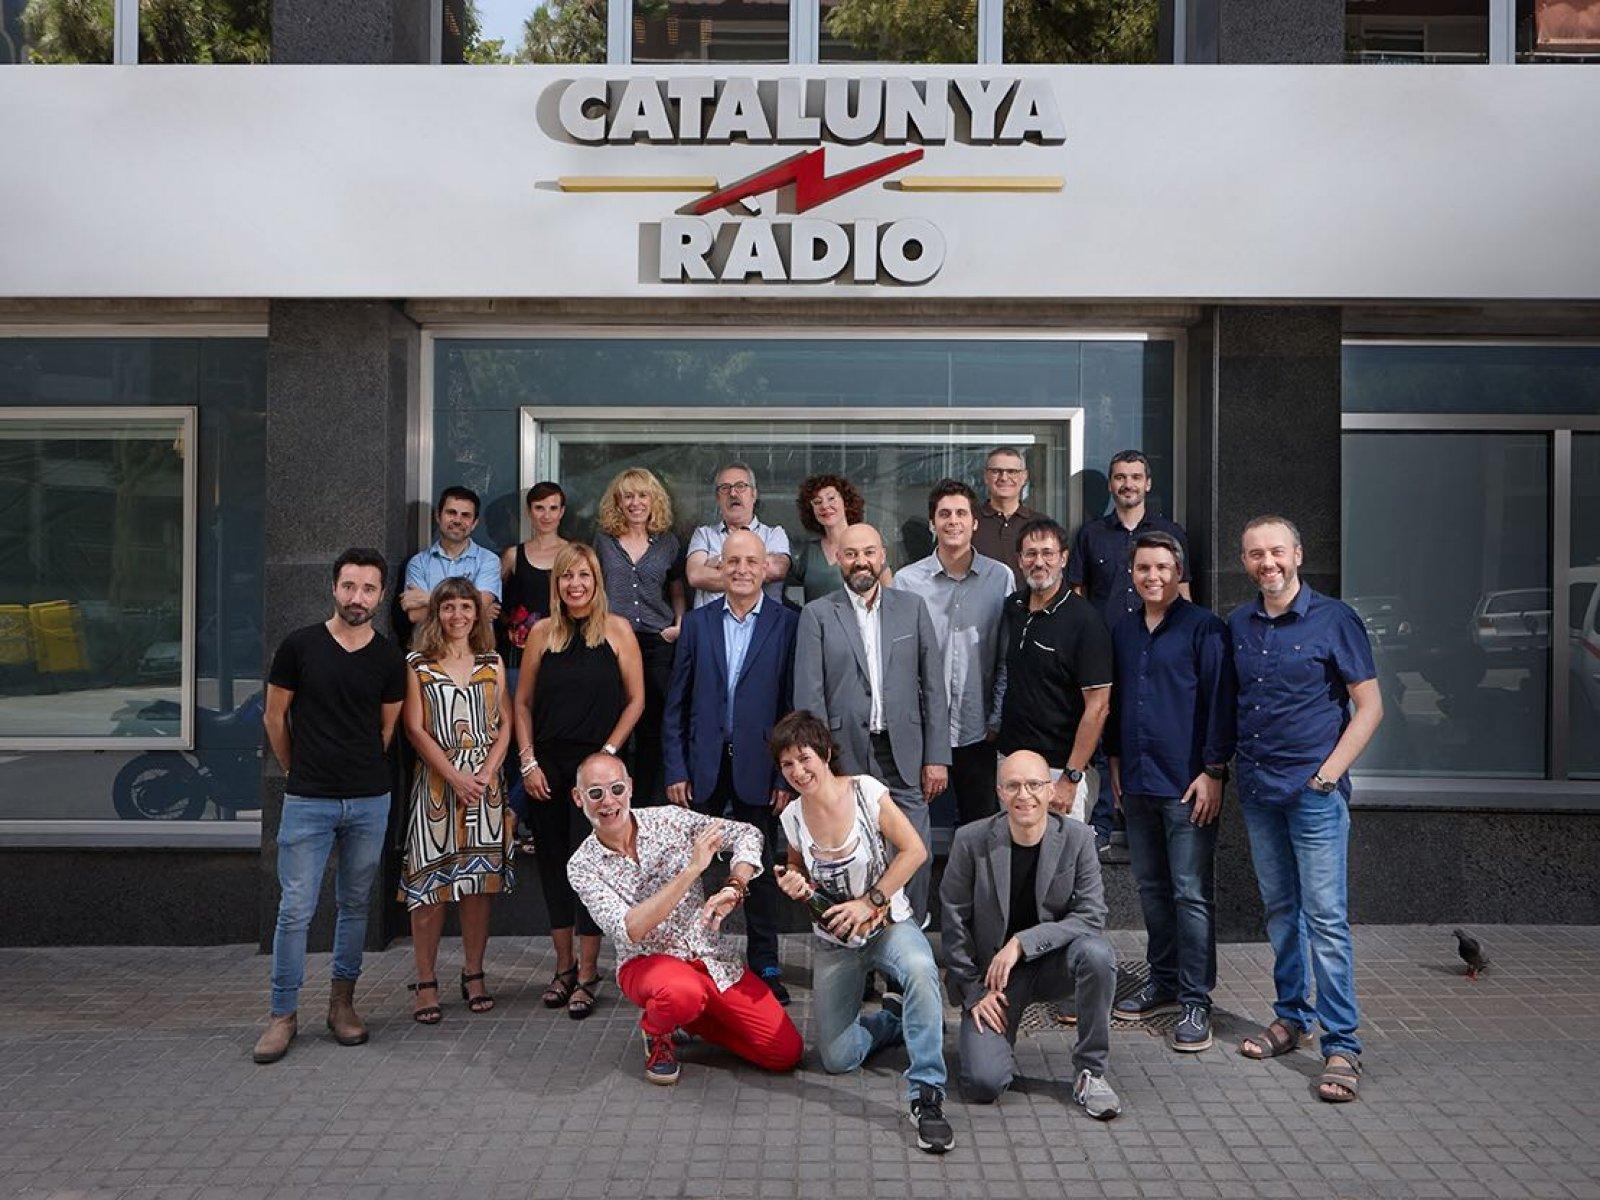 L'equip d'estiu a les portes dels estudis de l'emissora